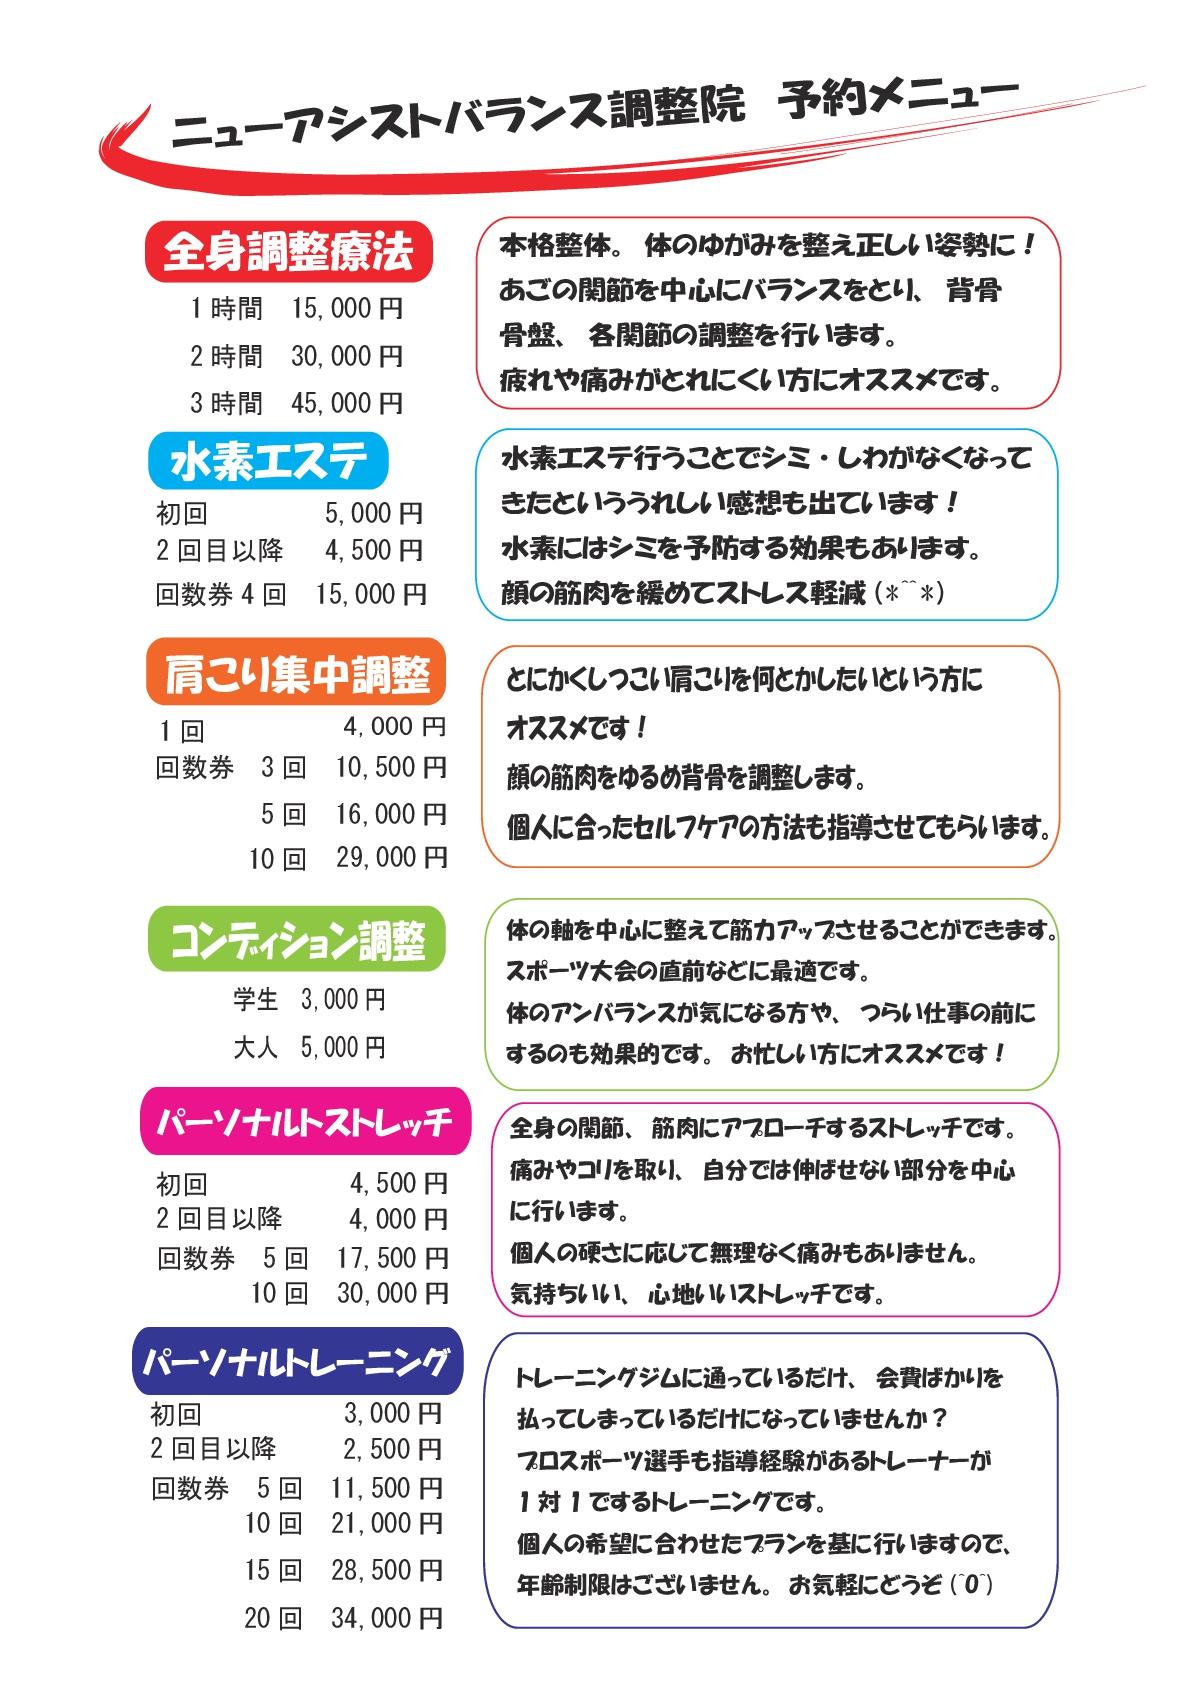 宣伝3メニュー fbー コピー-001 (1)